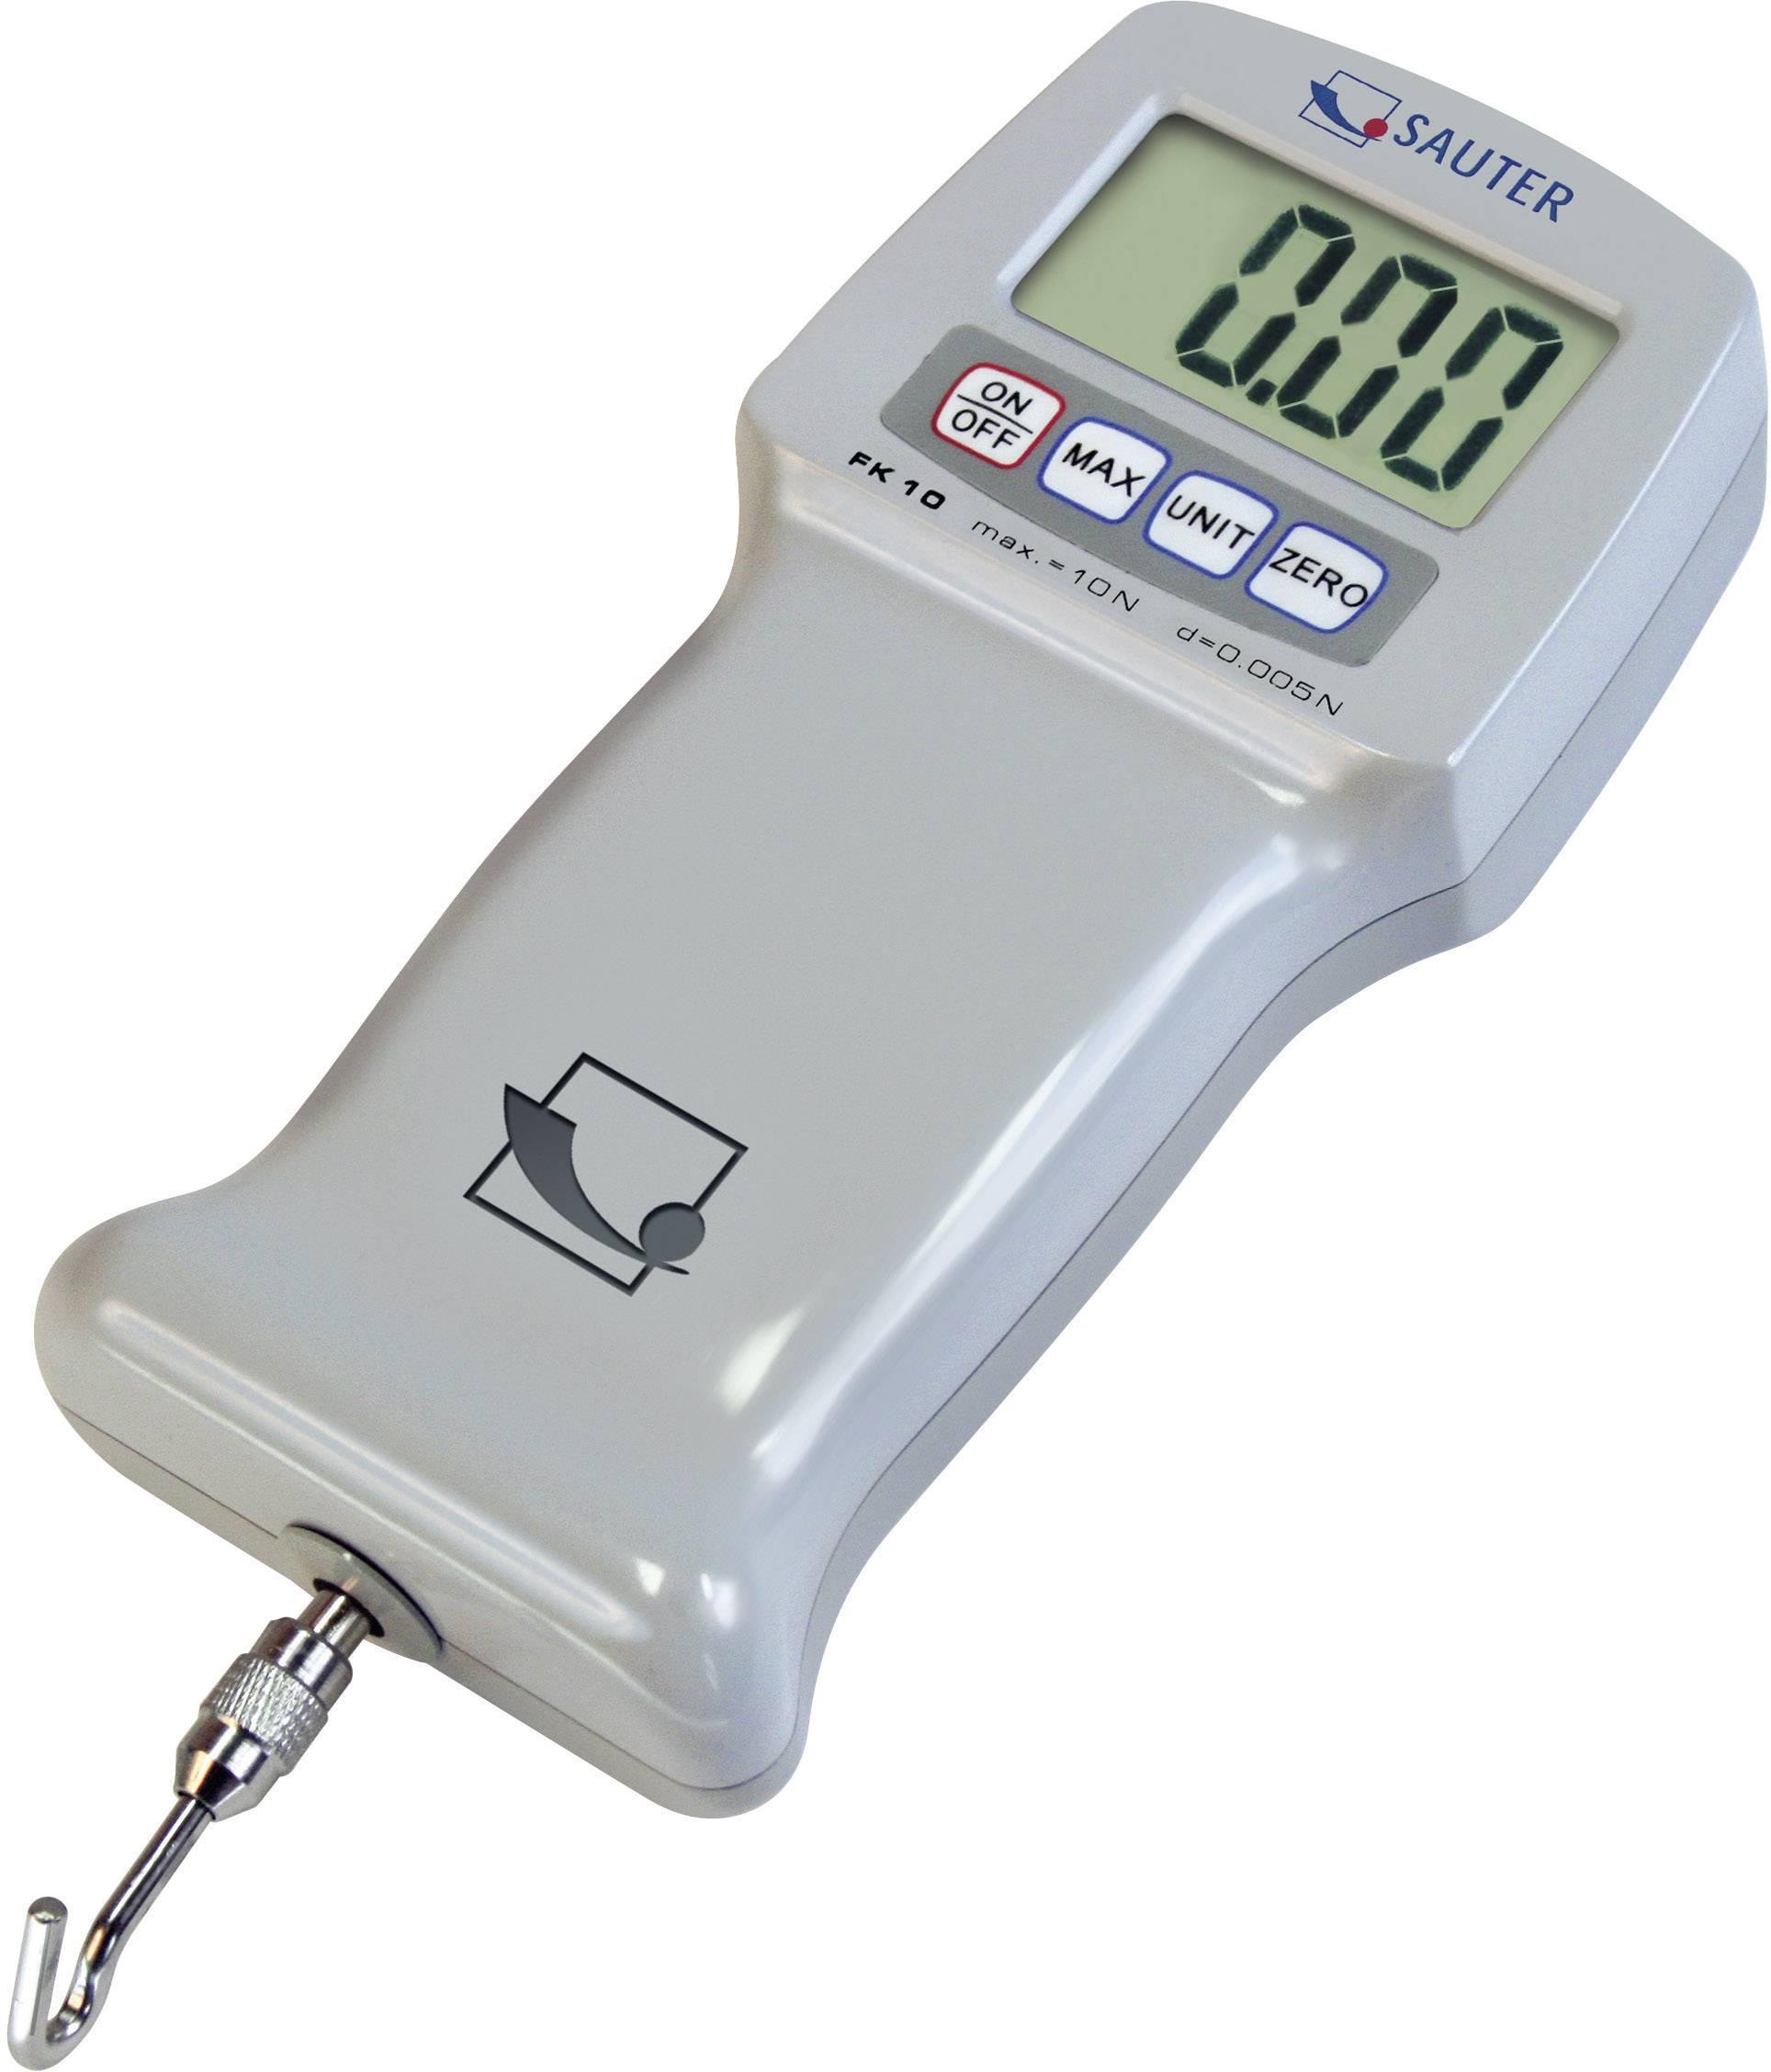 Digitální siloměr Sauter FK 50, 50 N, kalibrace dle ISO, kalibrováno dle ISO